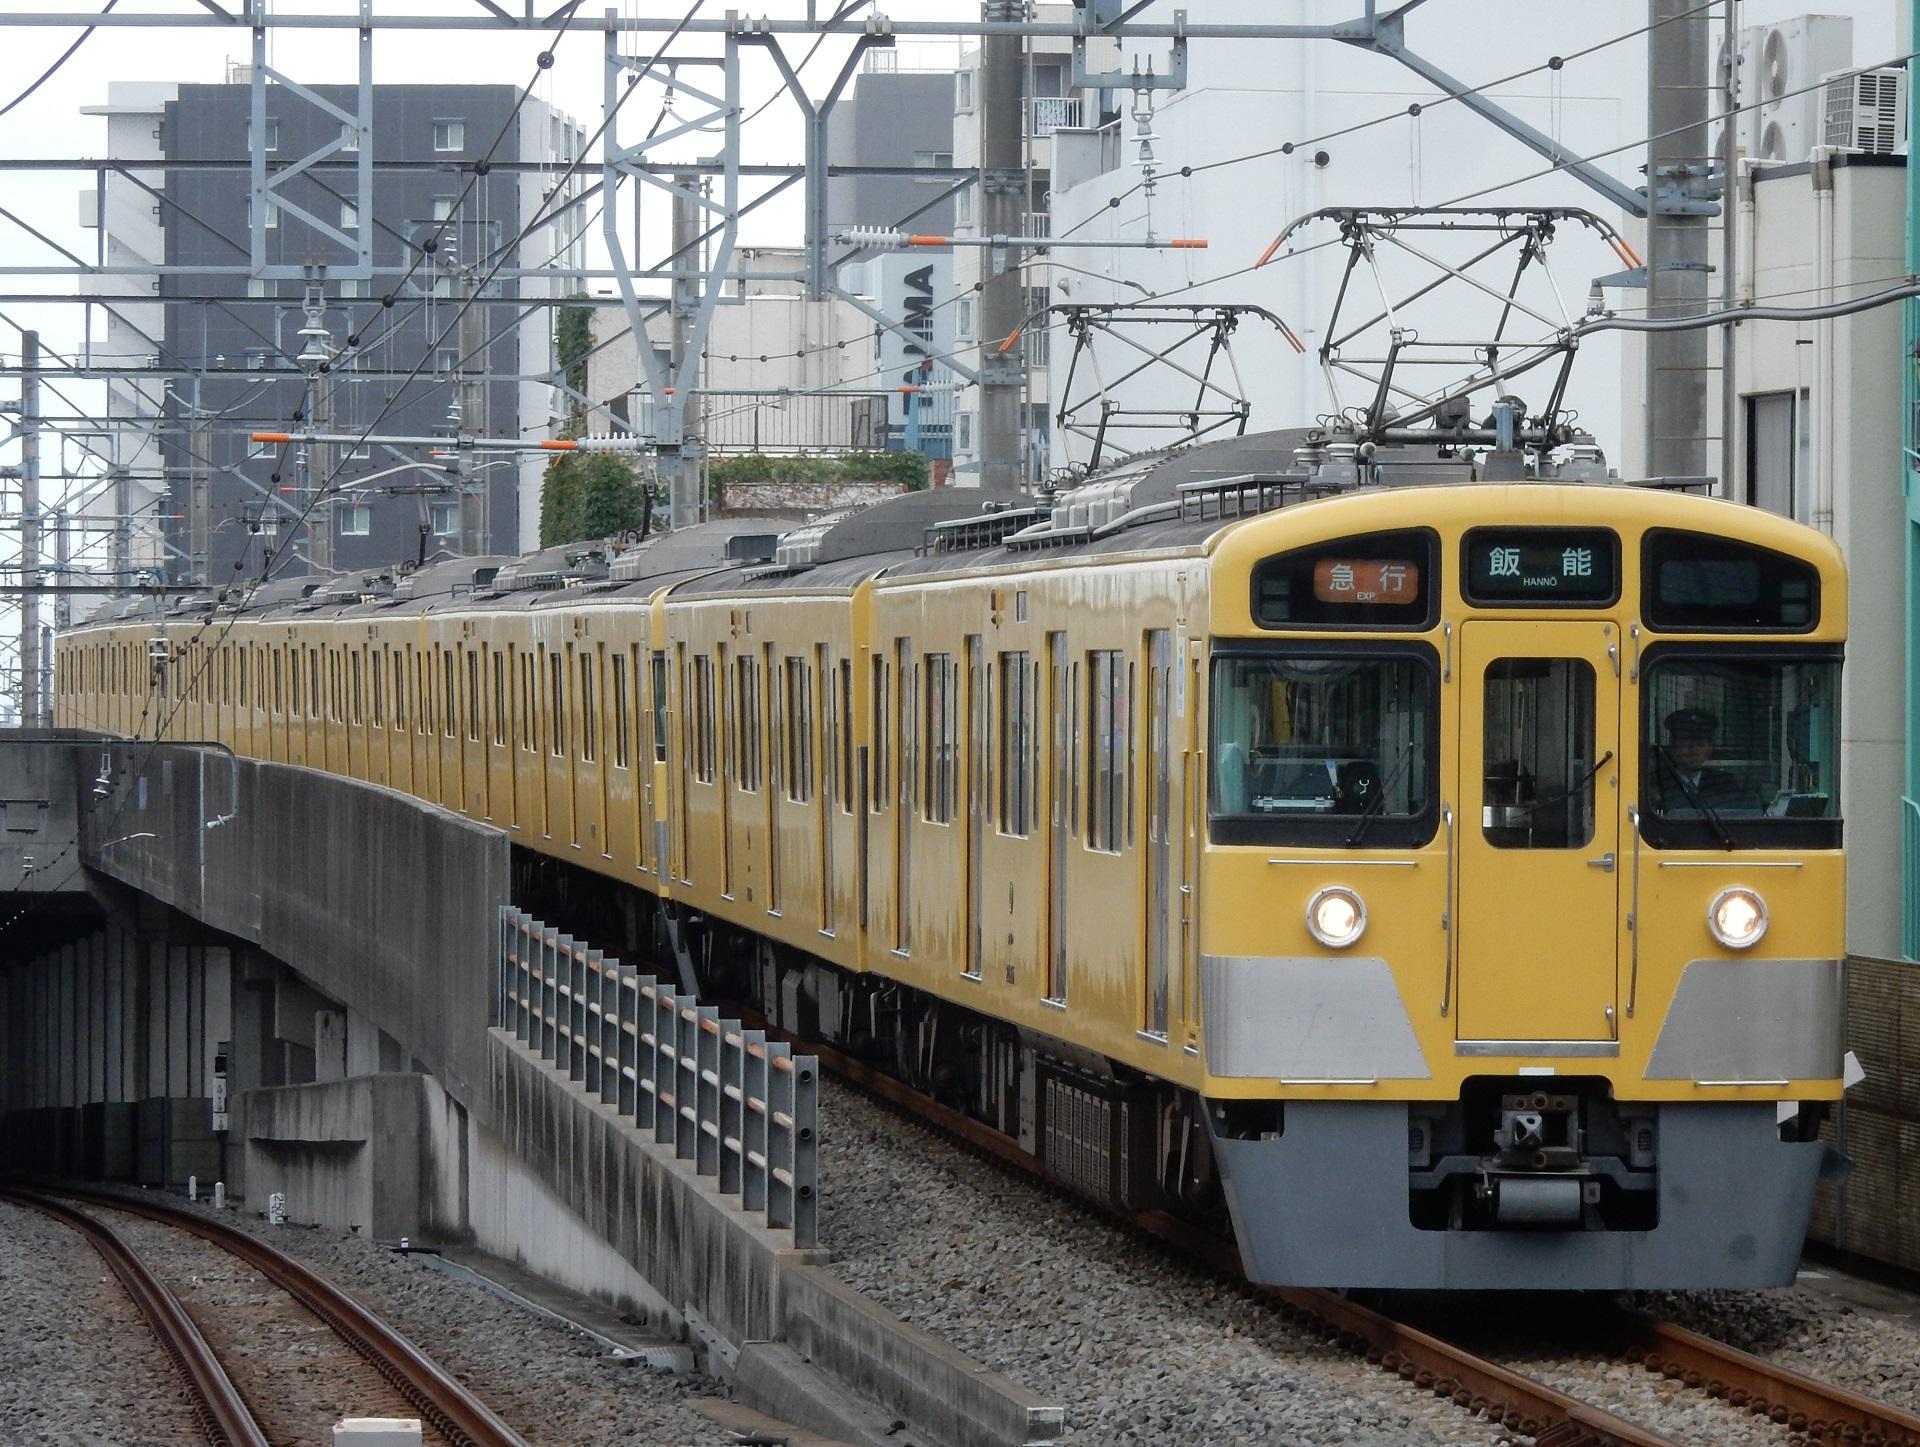 DSCN2700 - コピー